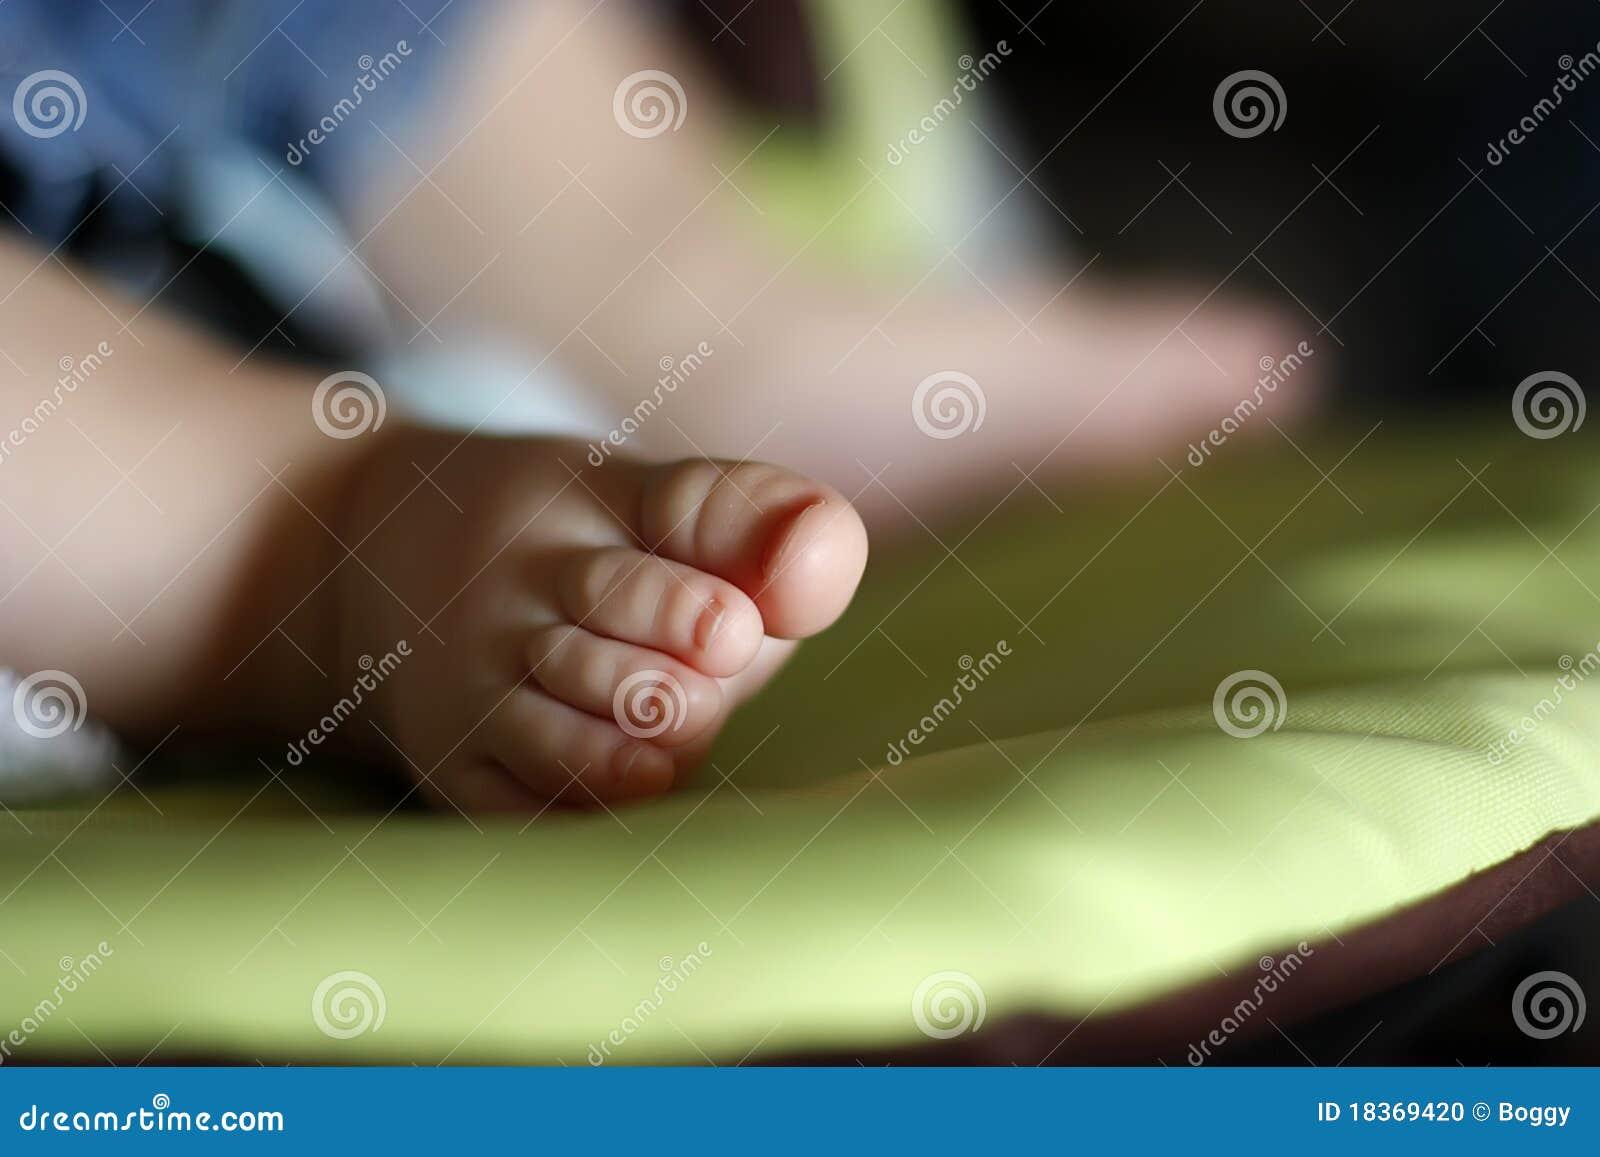 De voet van de baby stock foto afbeelding 18369420 - Baby voet verkoop ...